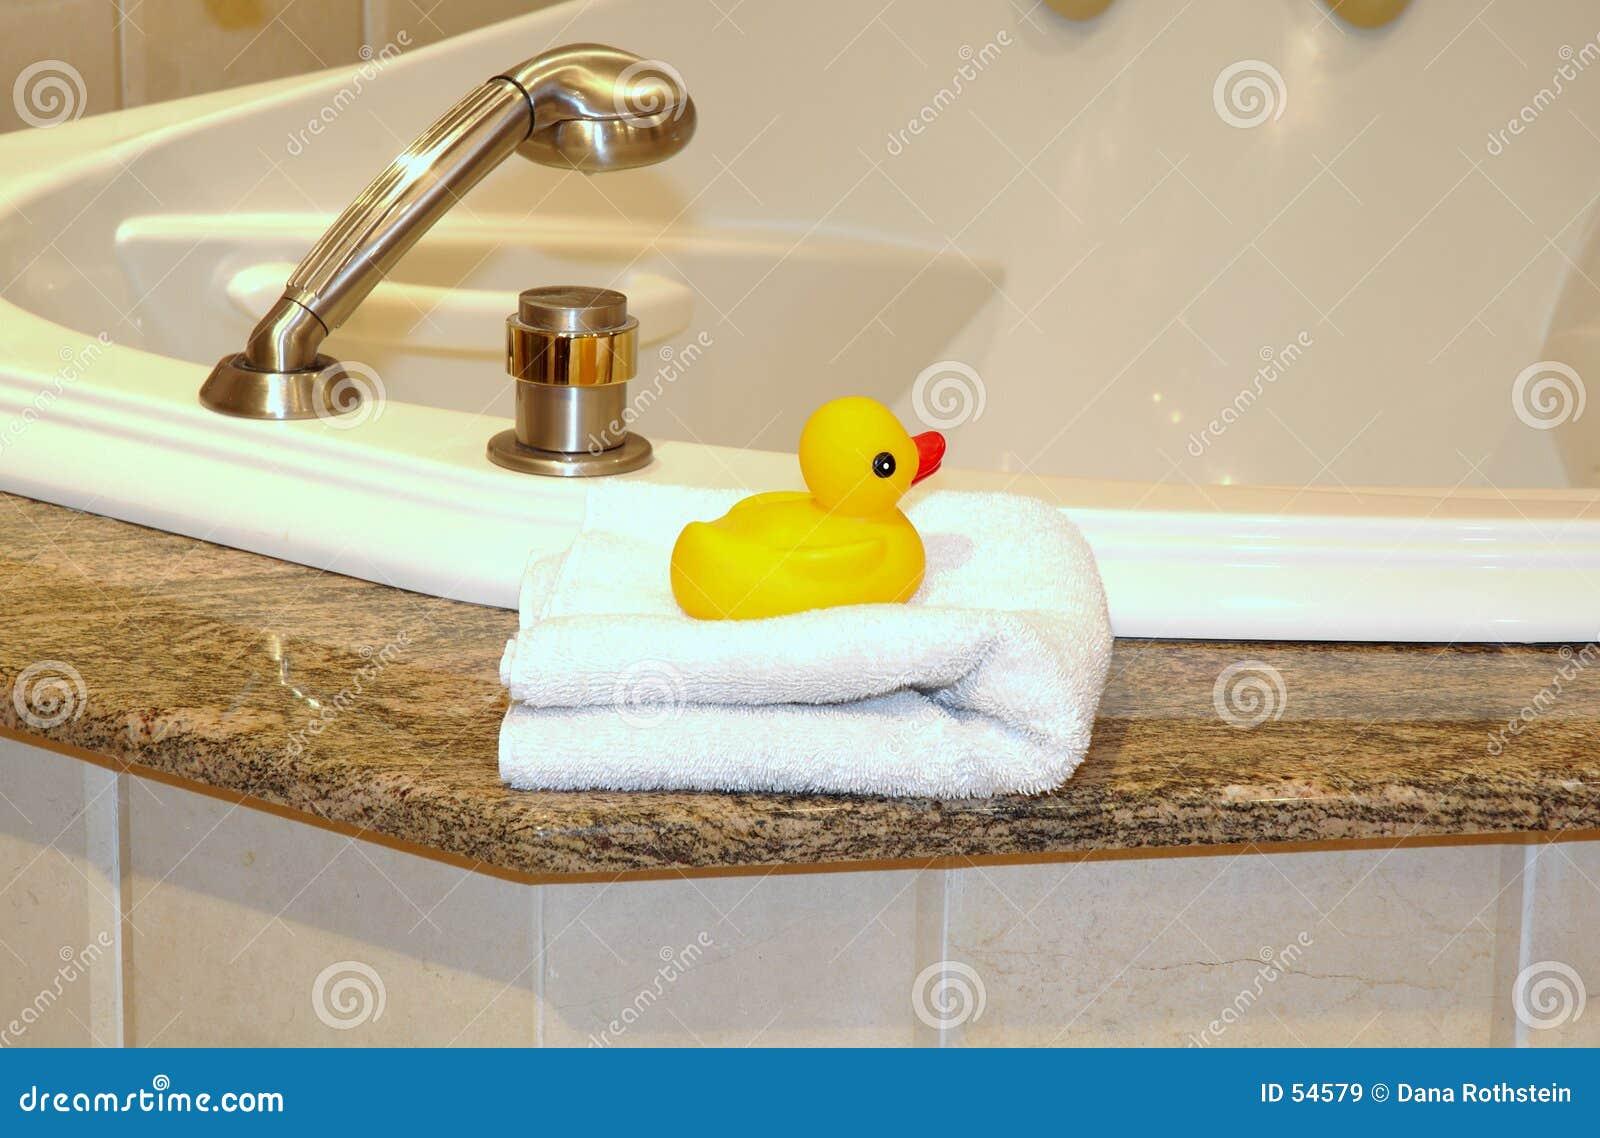 Download Bath image stock. Image du robinet, main, lavage, douche - 54579